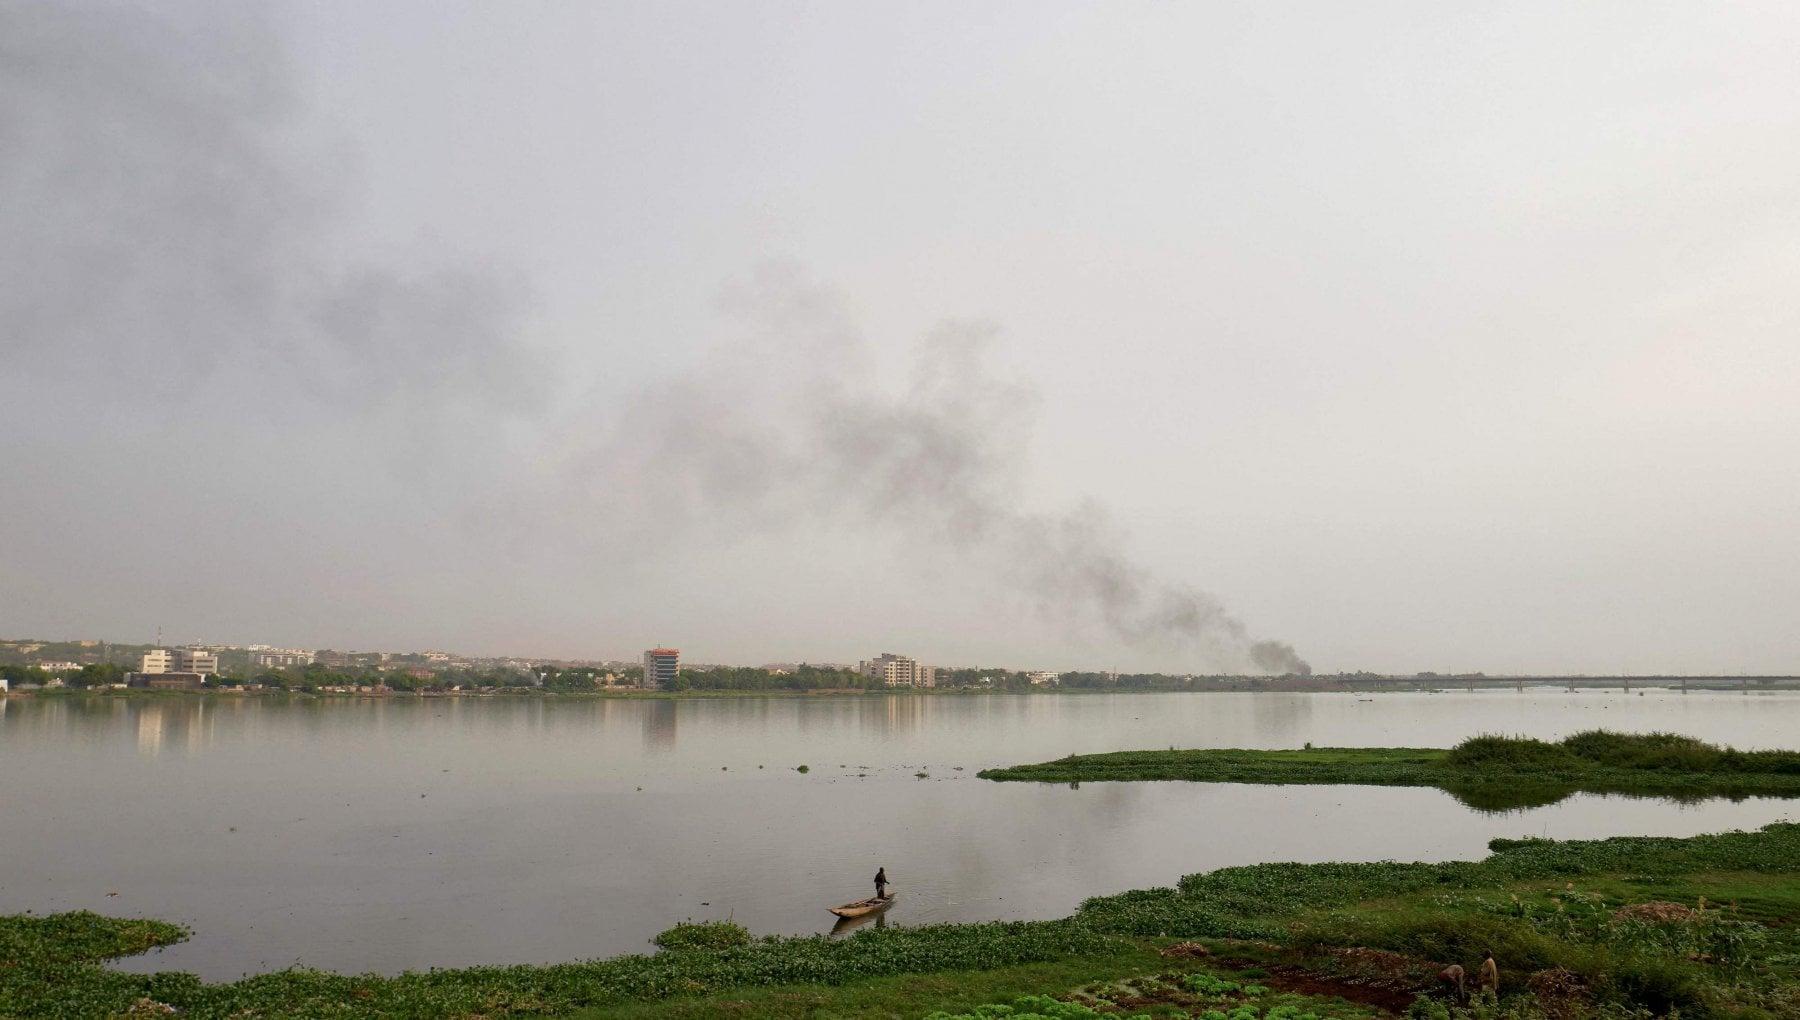 053904883 75165edf 368f 4b8d a405 afdbfd9f7eb5 - Nigeria, naufraga battello fluviale sovraccarico: almeno 150 passeggeri dispersi